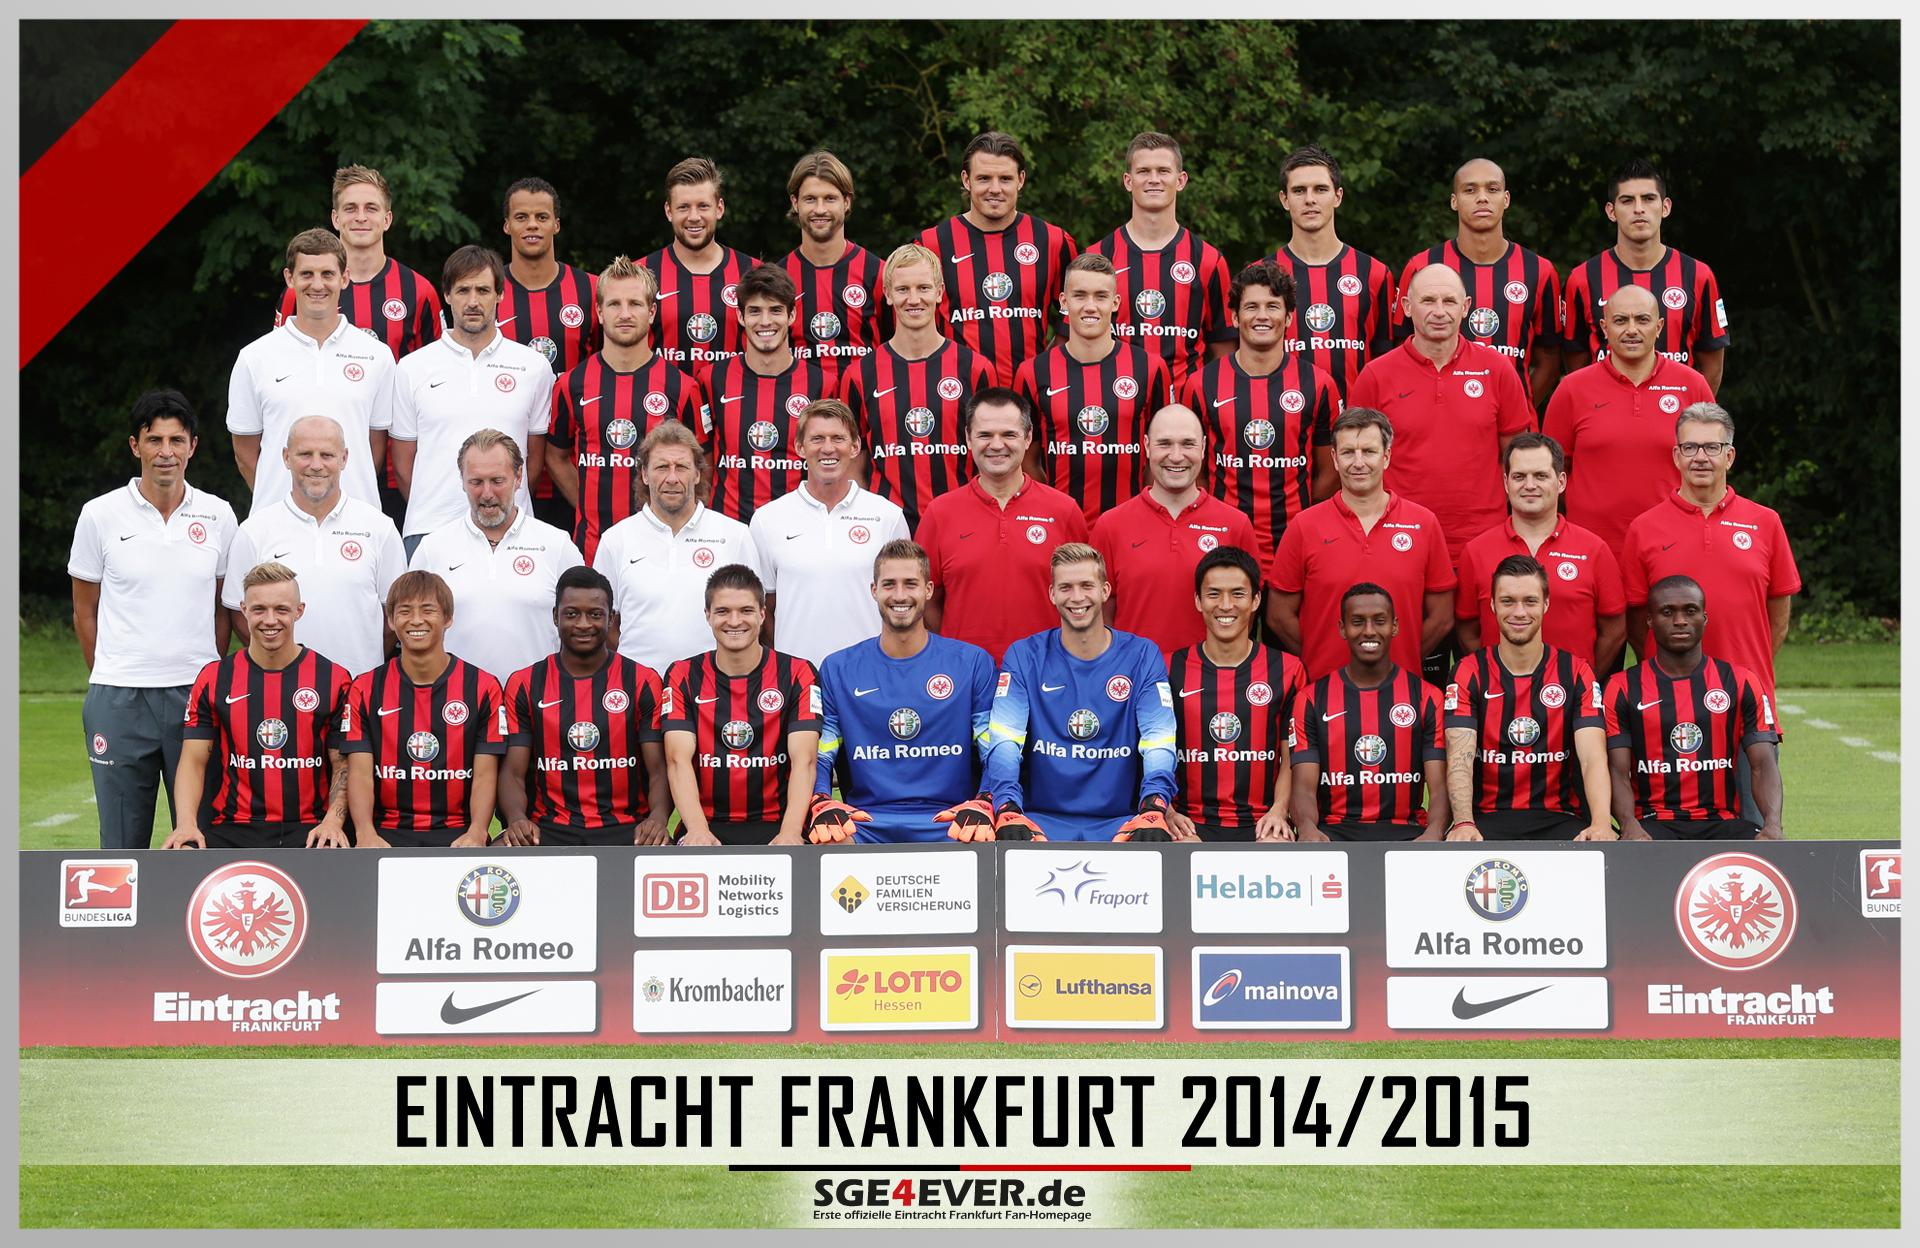 Eintracht Frankfurt Mannschaftsfoto Der Saison 20142015 Sge4ever